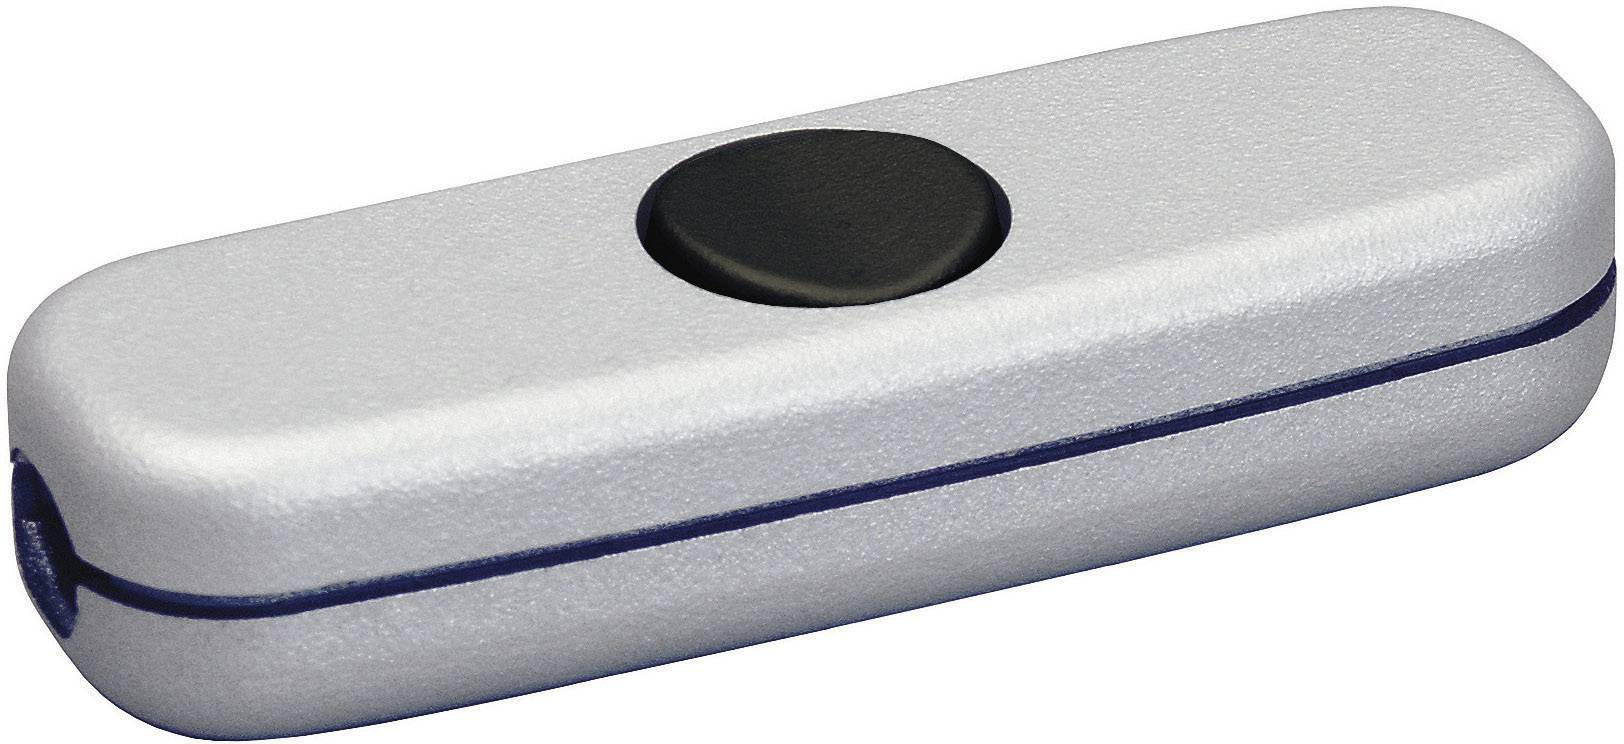 Šnúrový spínač interBär 5055-020.01, 3 A, titan, čierna, 1 ks